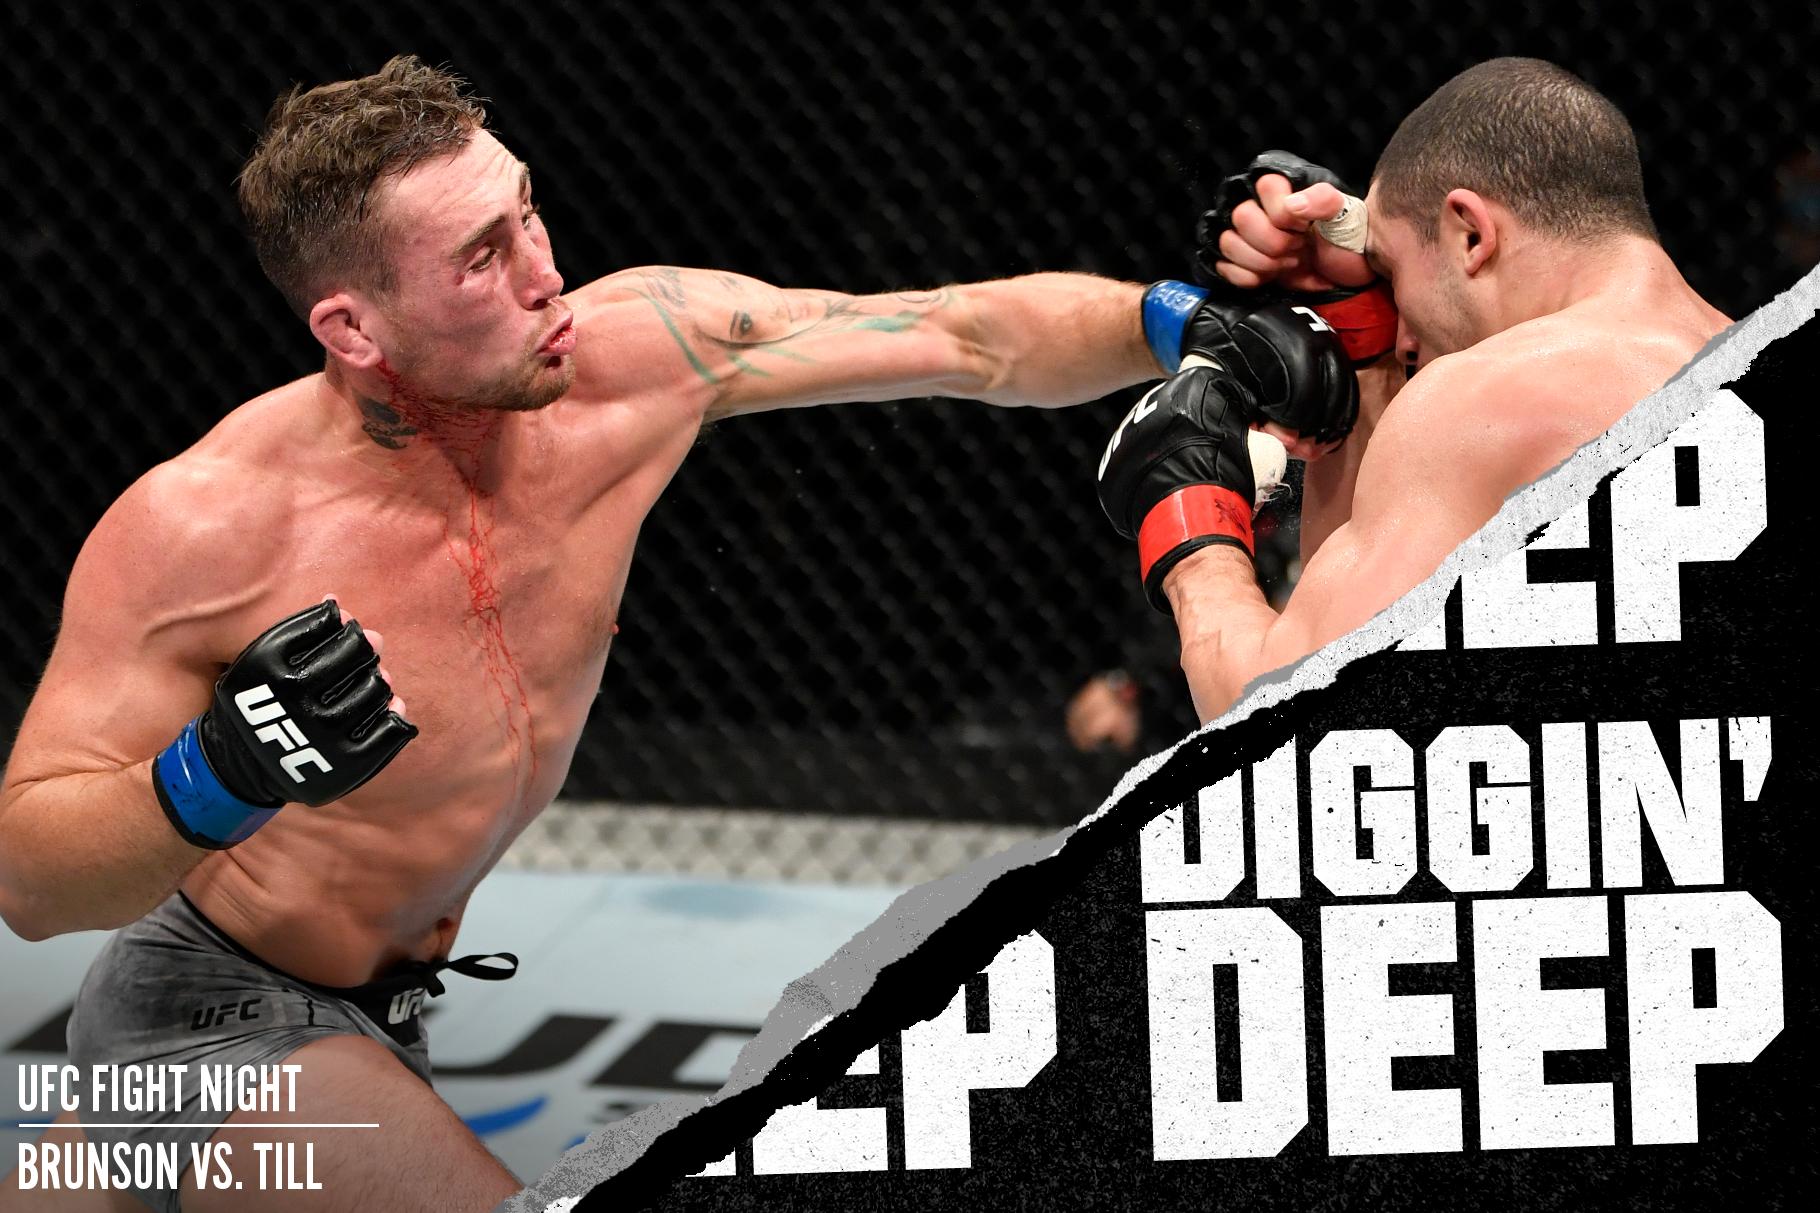 Darren Till fighting Robert Whittaker at UFC Fight Island 3